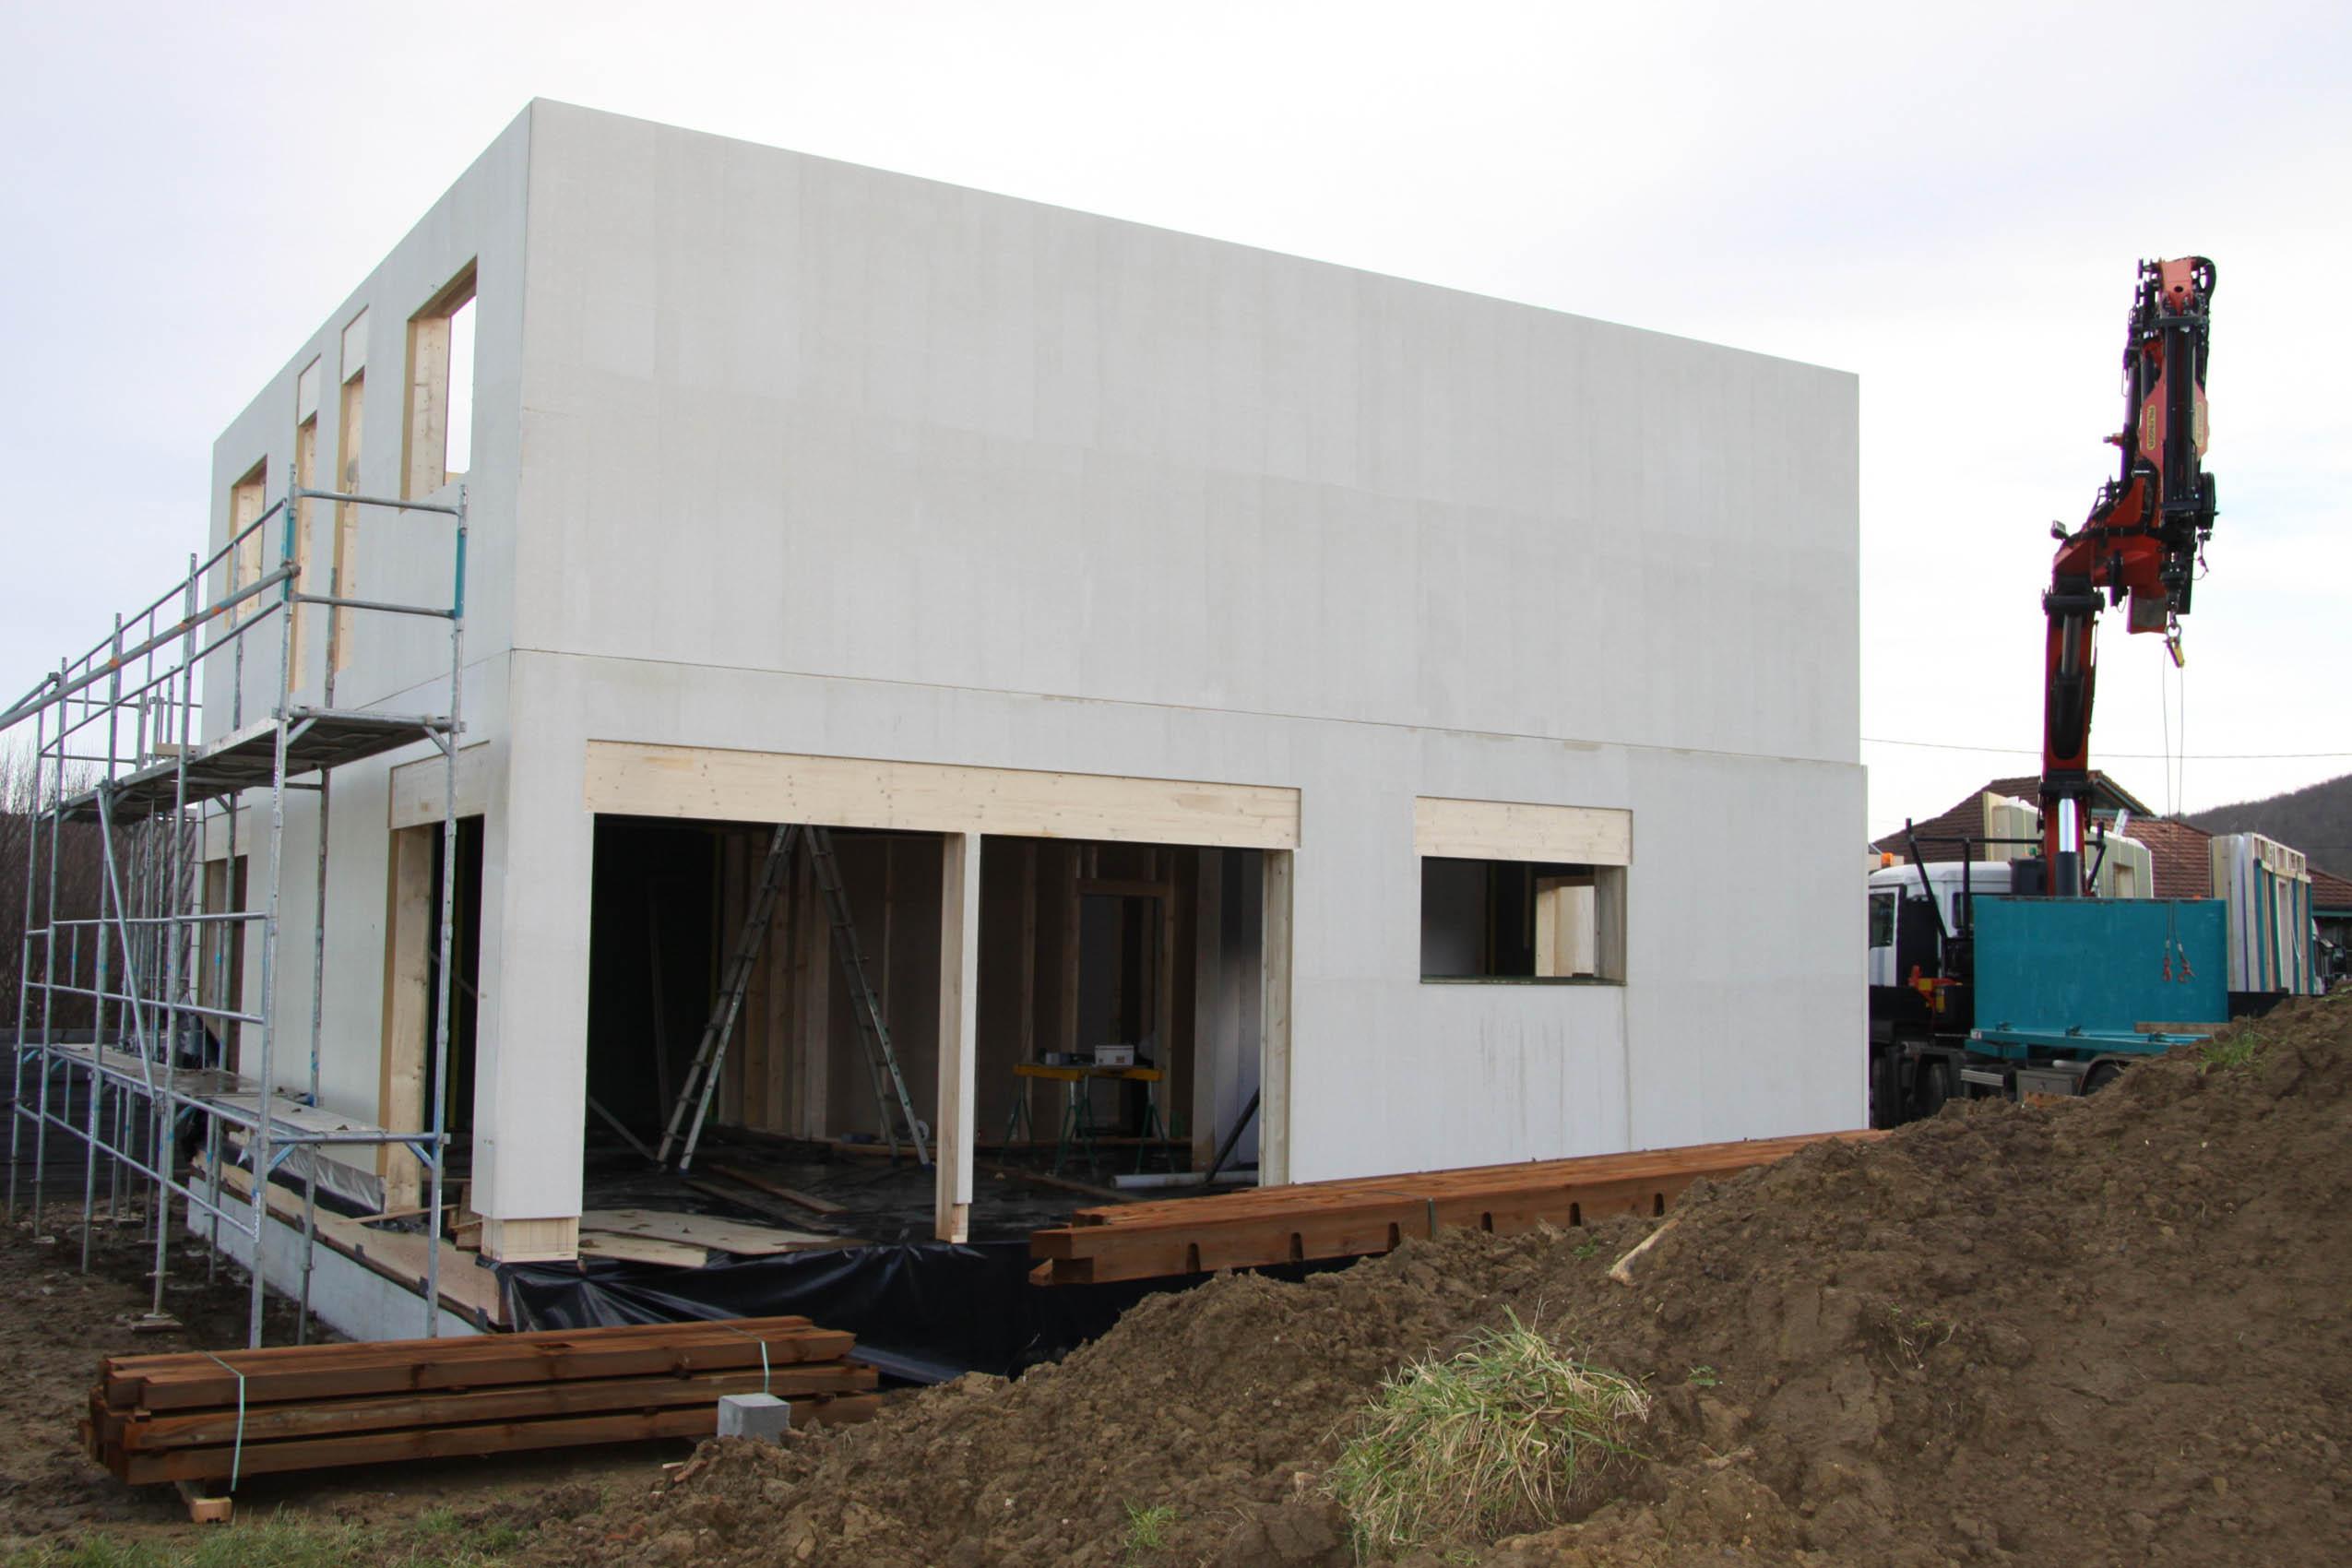 Maison moderne alsace great maison alsace maison moderne for Maison en bois alsace